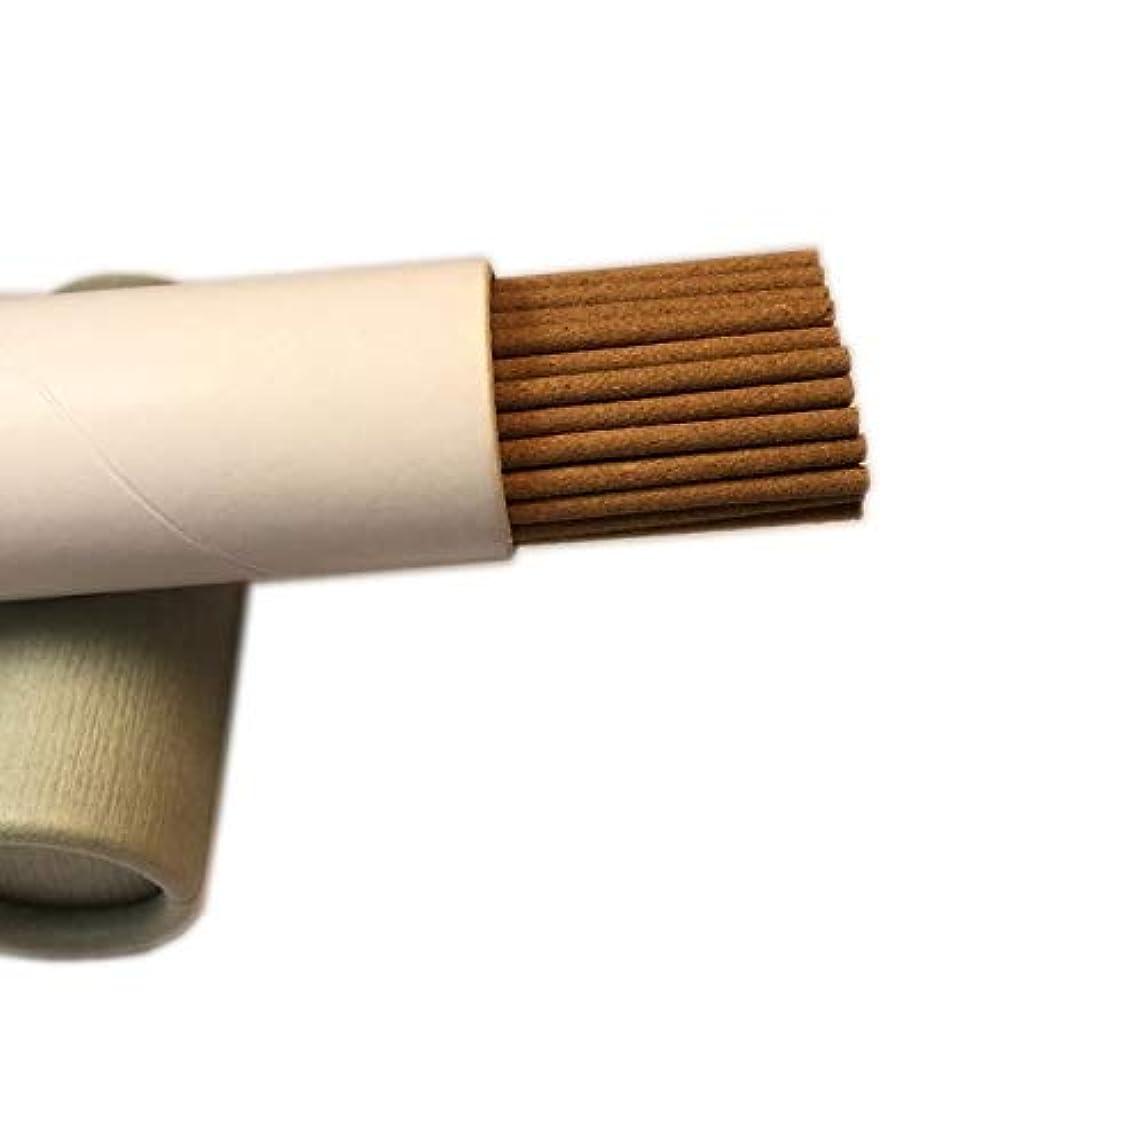 で出来ている形成憧れDiatems - 天然白檀香21センチメートル沈香よもぎ蚊の芽香クロスボーダー屋内儀式の香[ゆう沈香]